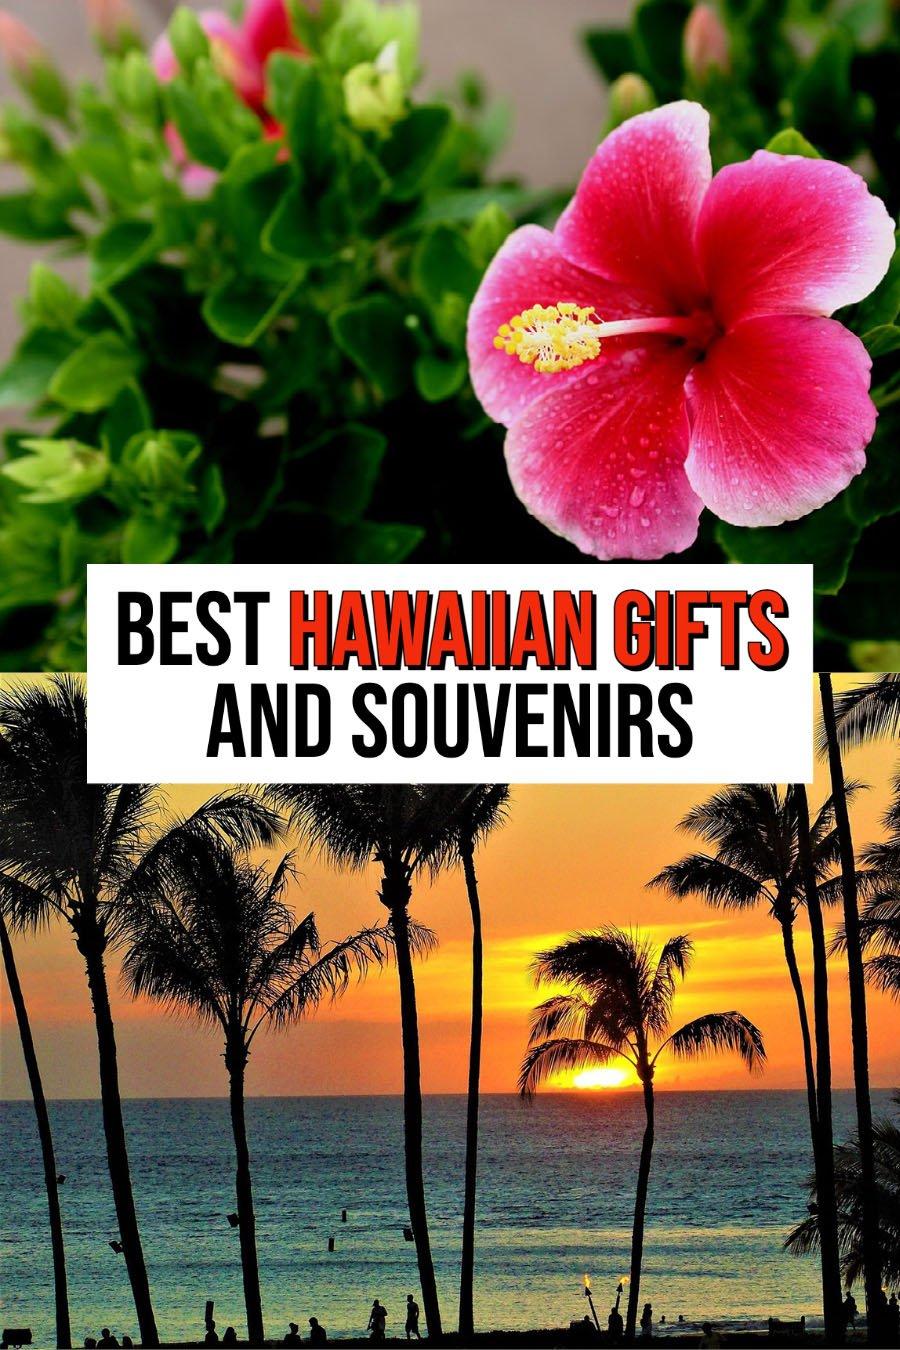 Hawaiian Souvenirs and Hawaii Gifts